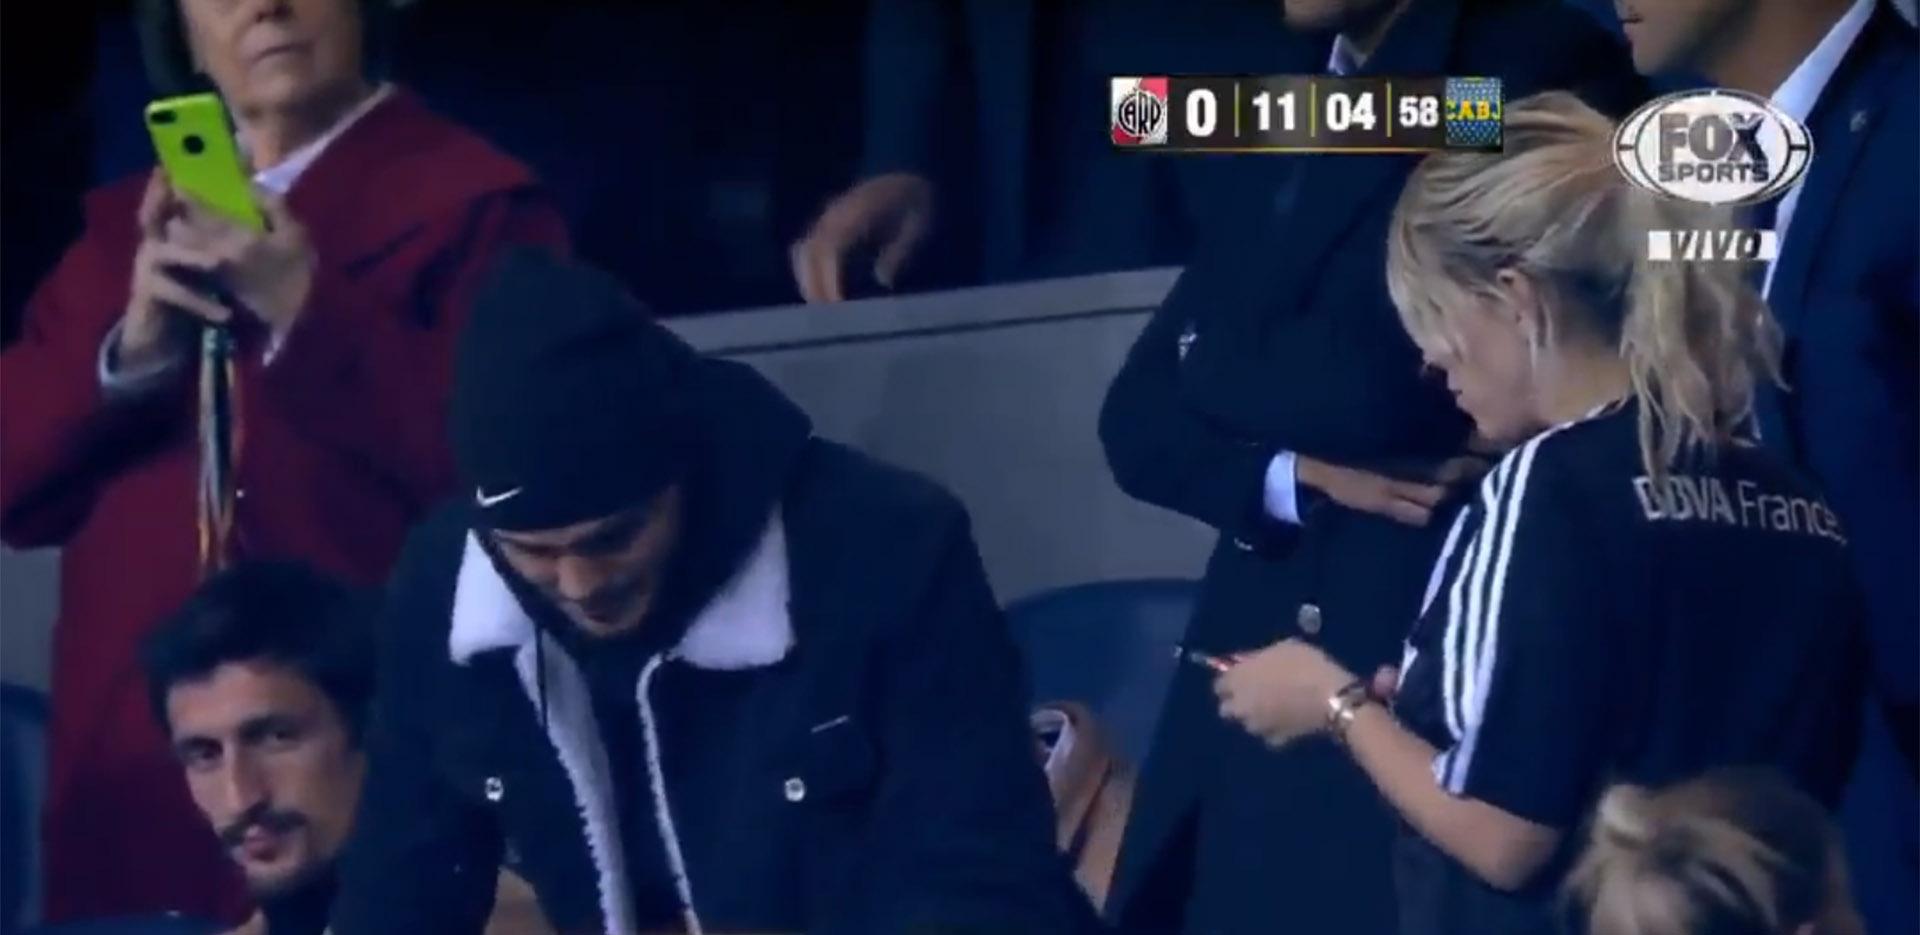 Wanda Nara con la camiseta de River (la misma que usó Maxi López), en las gradas del Santiago Bernabéu junto a Mauro Icardi (fanático de Newell's); anoche, celebró su cumpleaños. Y ahora, vive esta fiesta